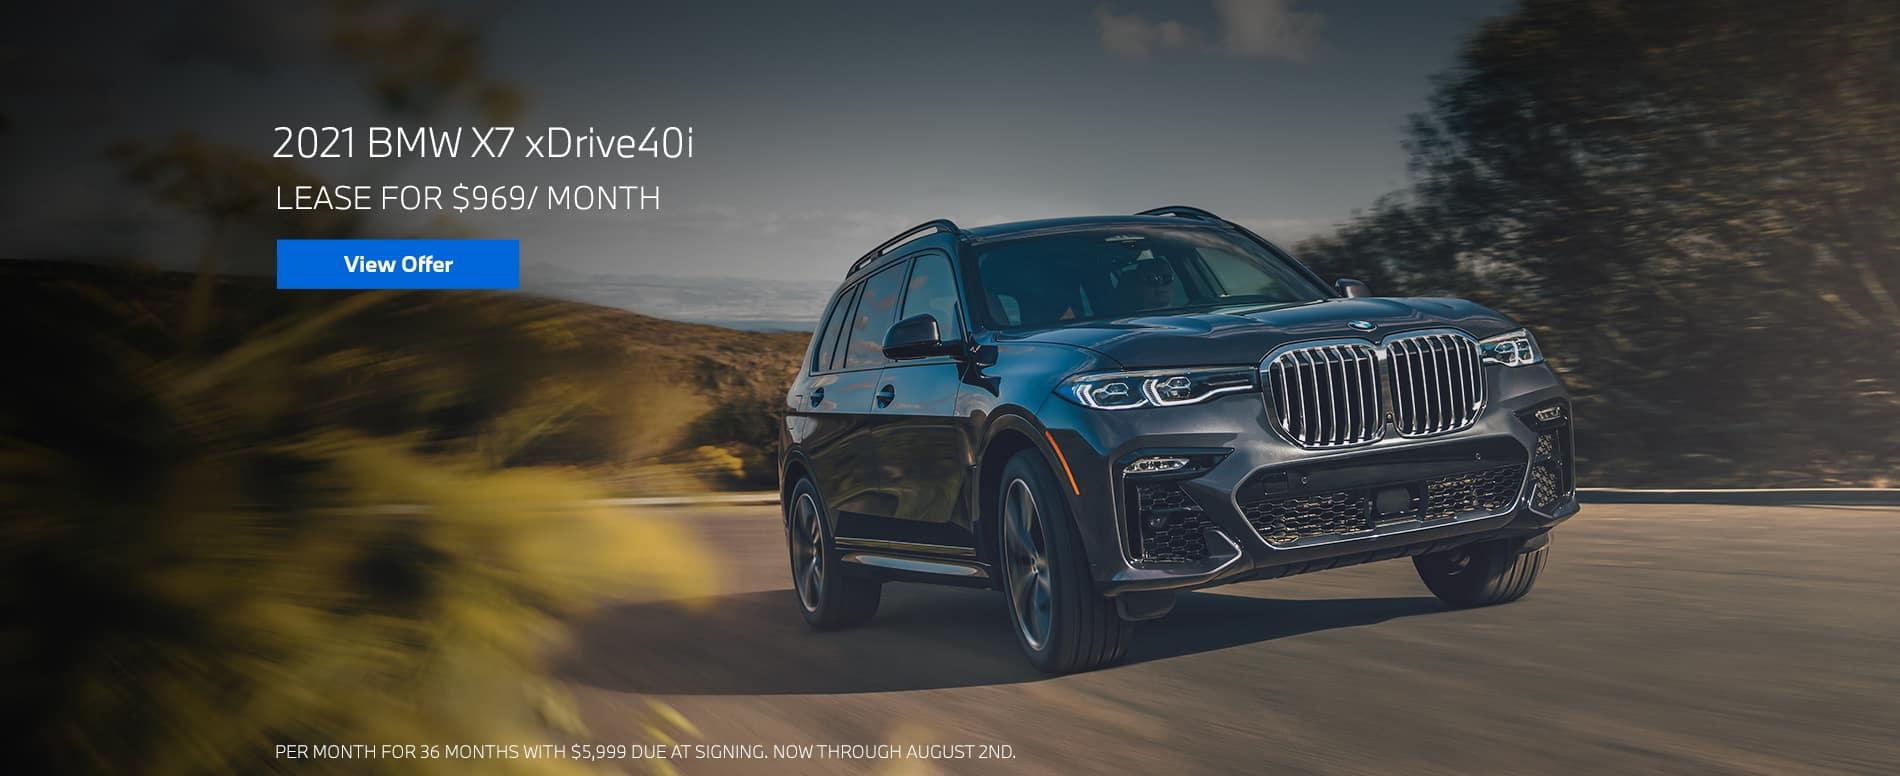 Lease a 2021 BMW X7 xDrive40i, $969